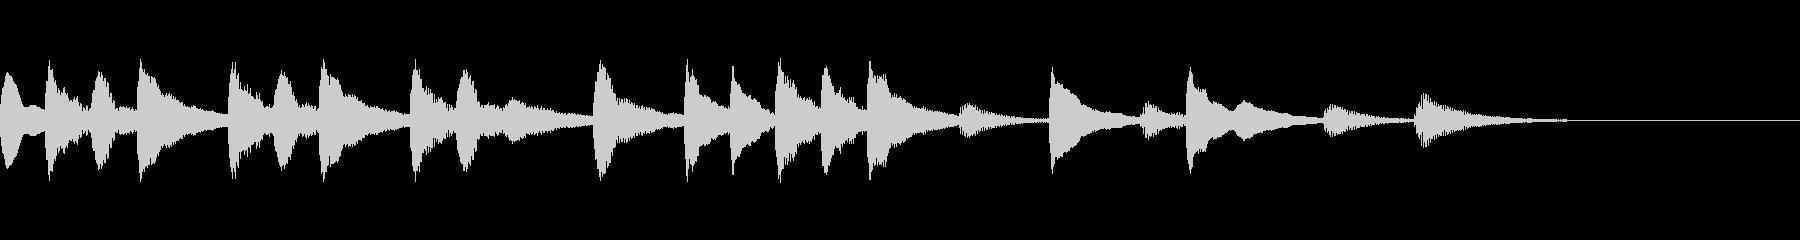 マリンバジングル10 のんびり ほのぼのの未再生の波形